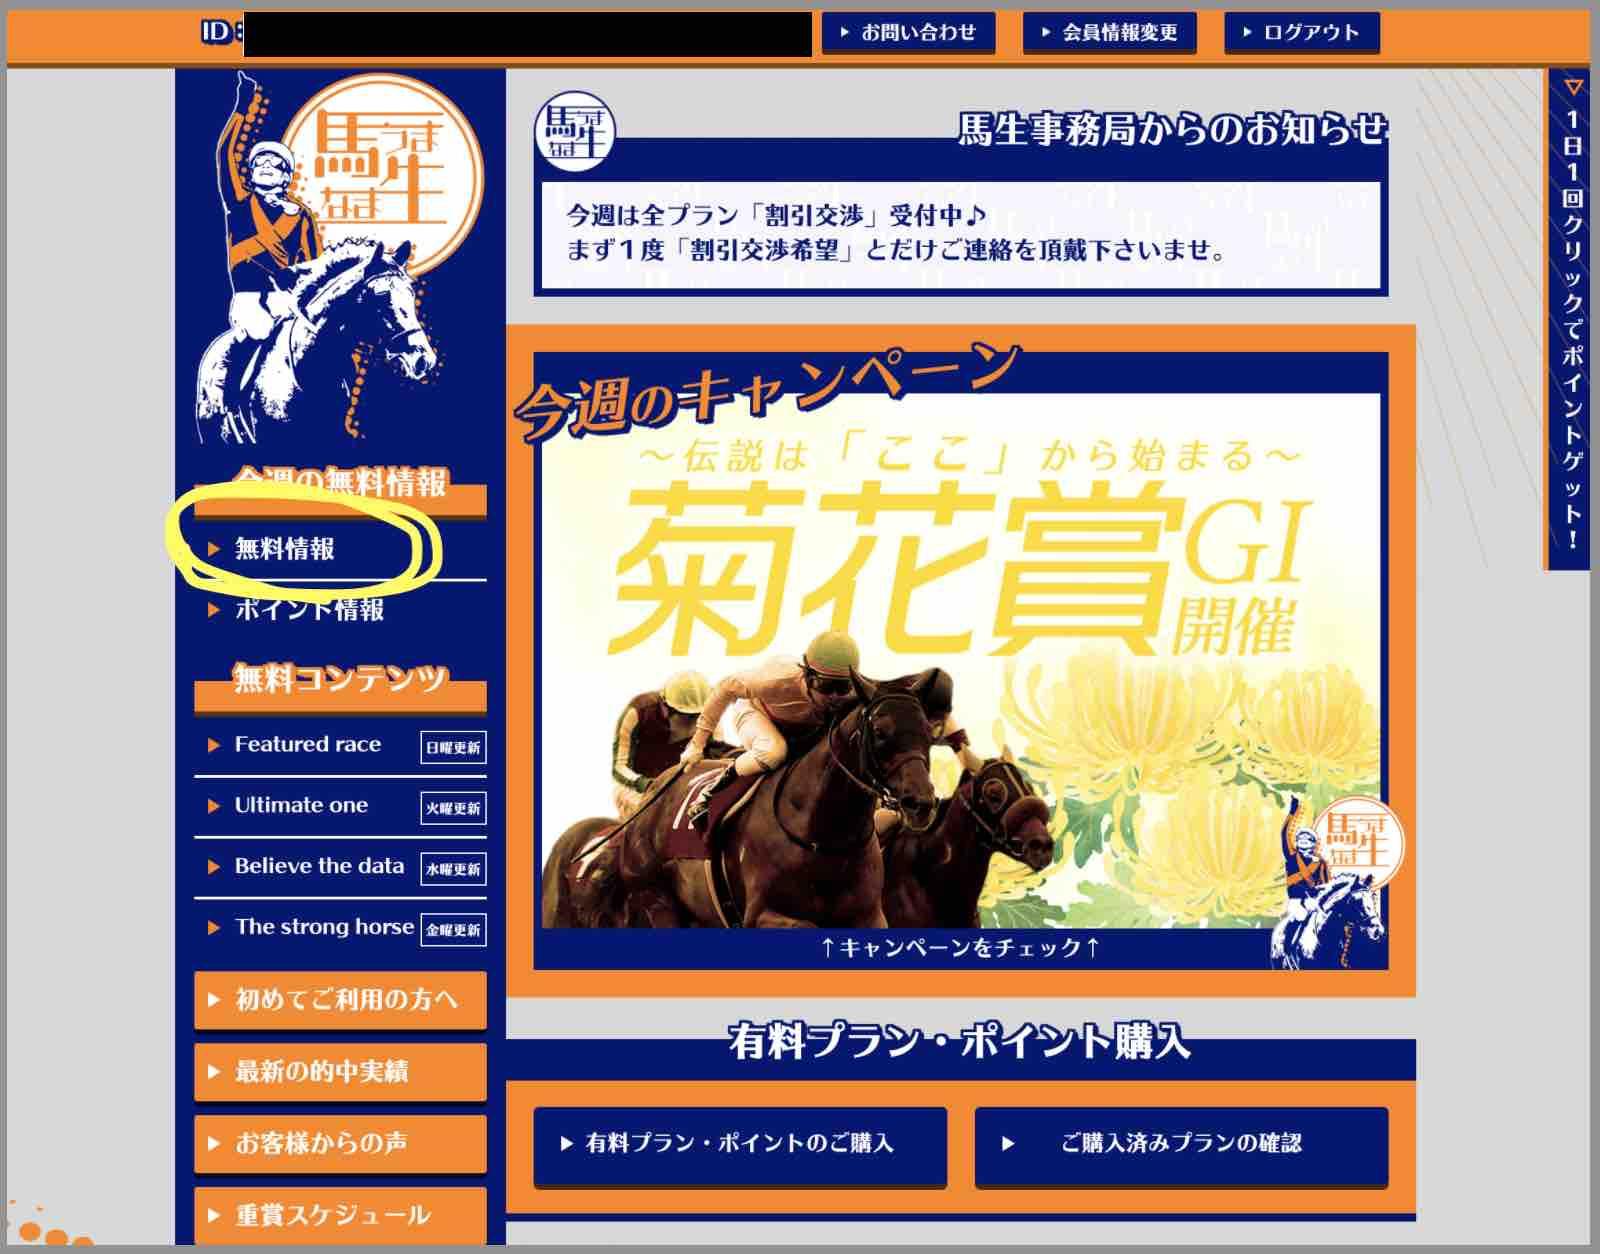 馬生という競馬予想サイトの無料予想(無料情報)を確認する